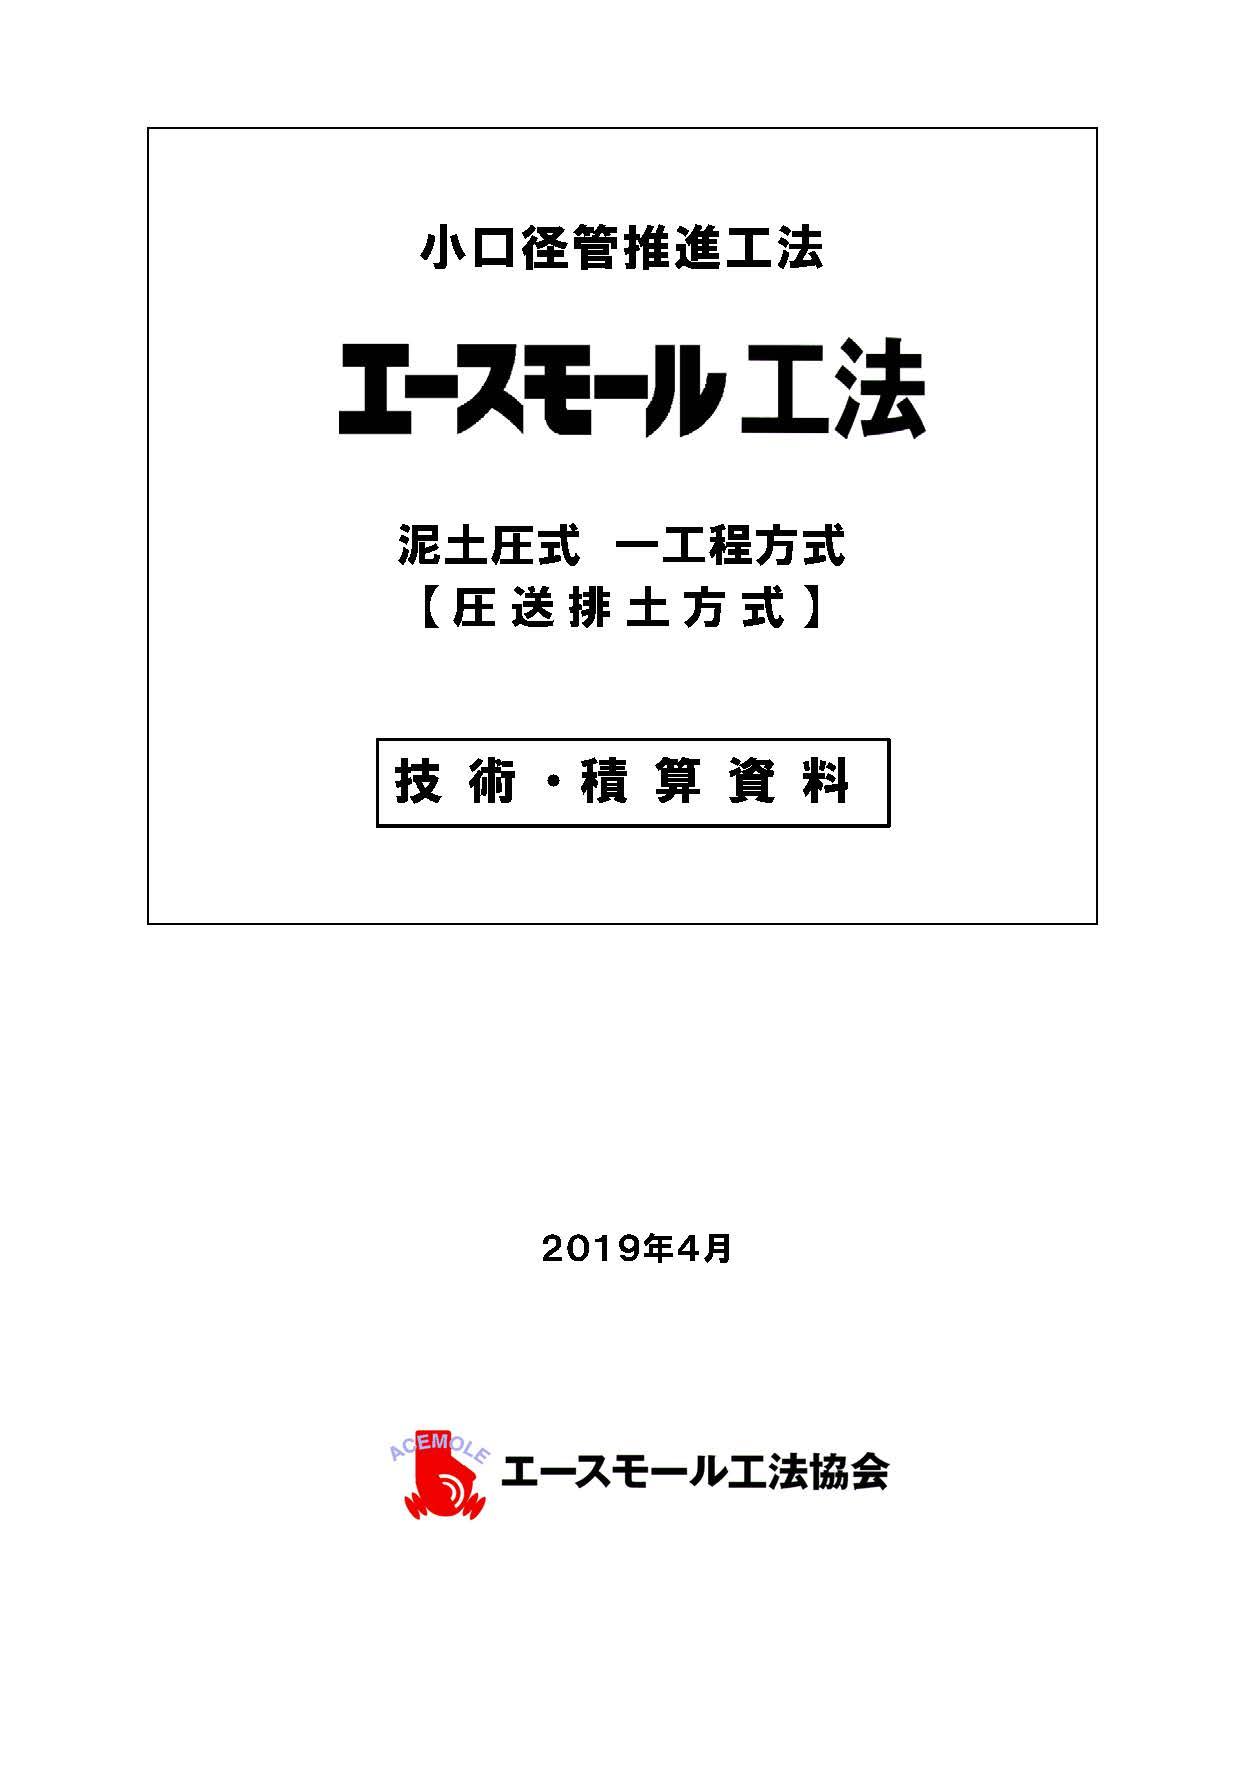 2019_技術資料 1